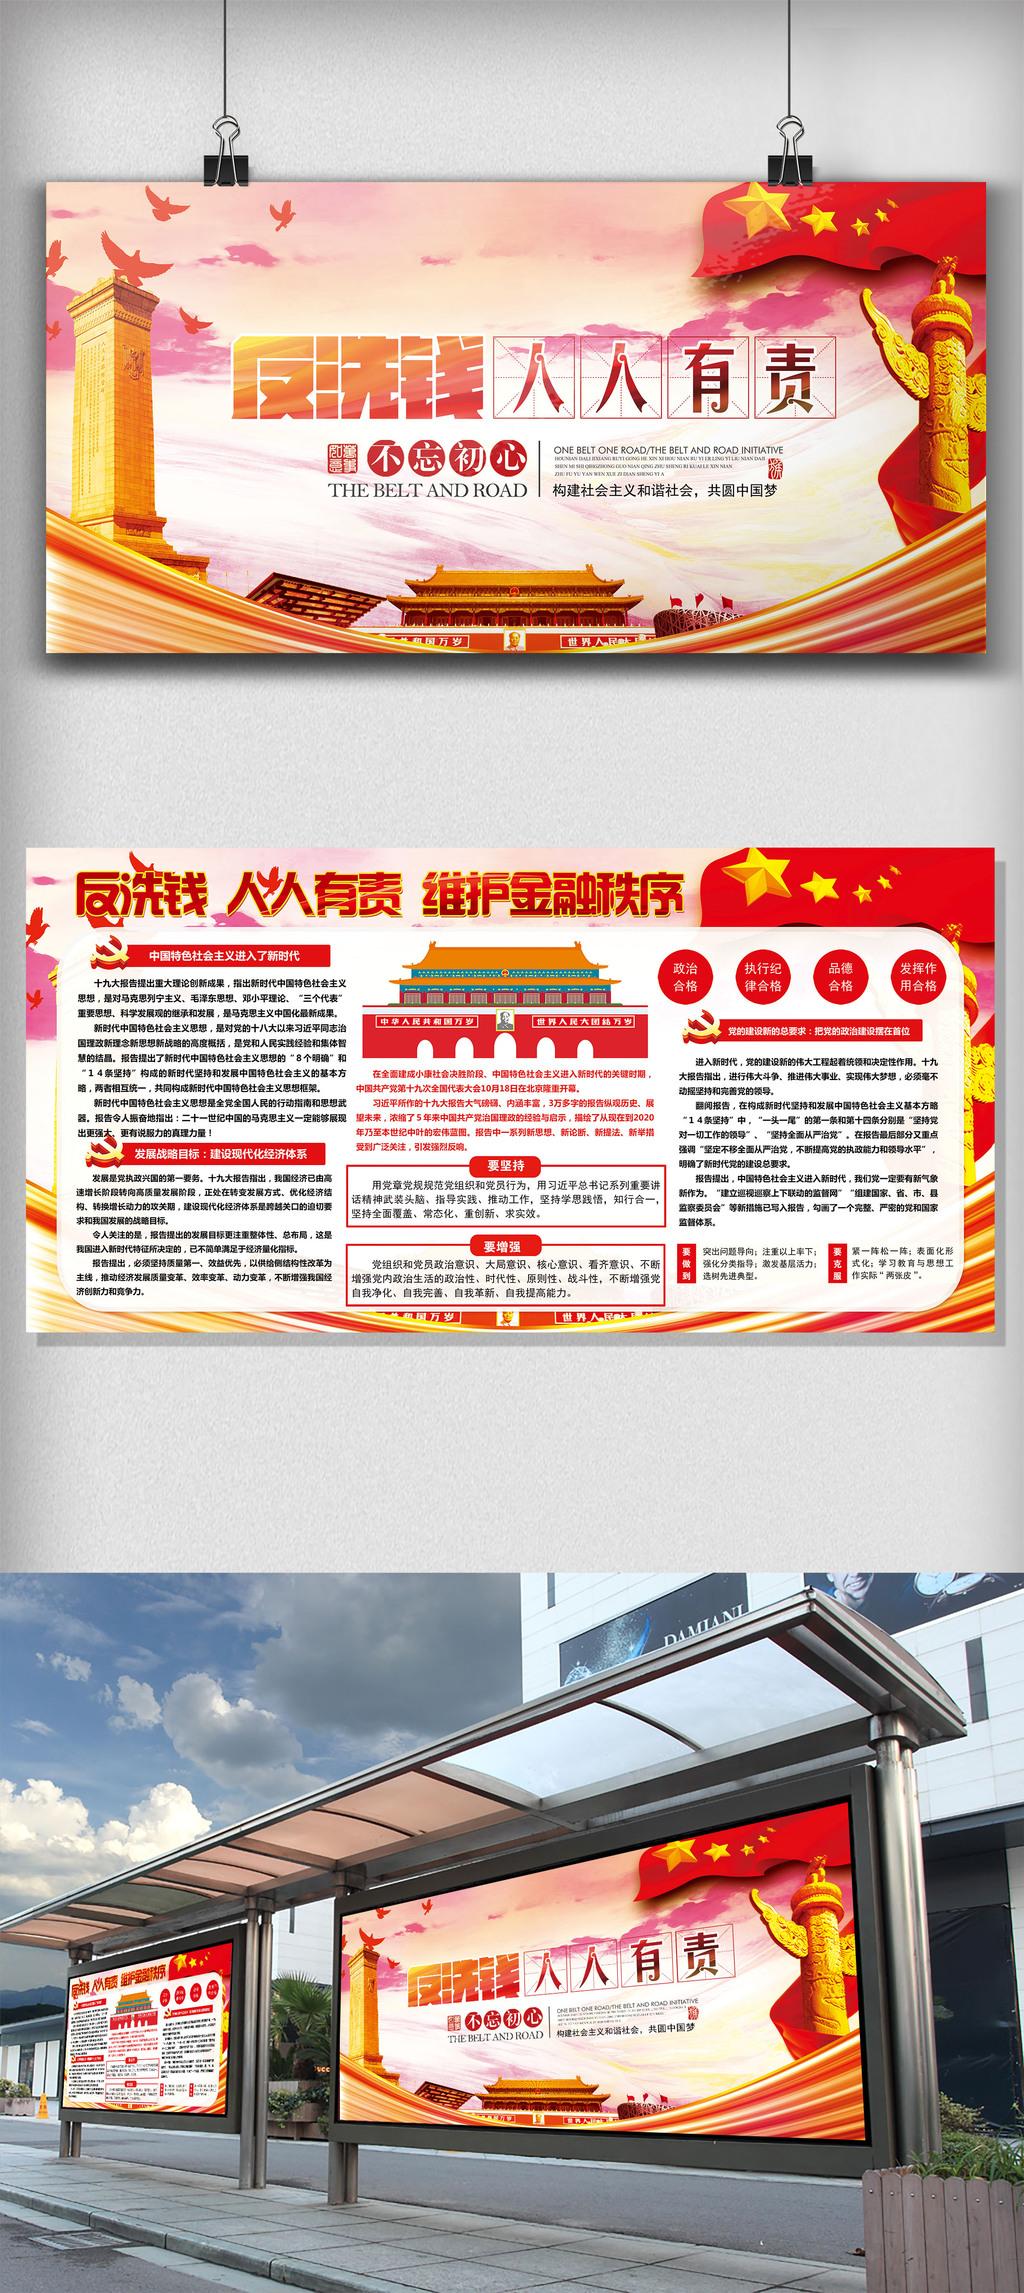 原创设计严厉打击反洗钱活动宣传展板设计素材是用户lijunguang1986在2018-01-25 12:03:16上传到我图网, 素材大小为202.62 MB, 素材的尺寸为2133px4775px,图片的编号是27278363, 颜色模式为CMYK, 授权方式为VIP用户下载,成为我图网VIP用户马上下载此图片。